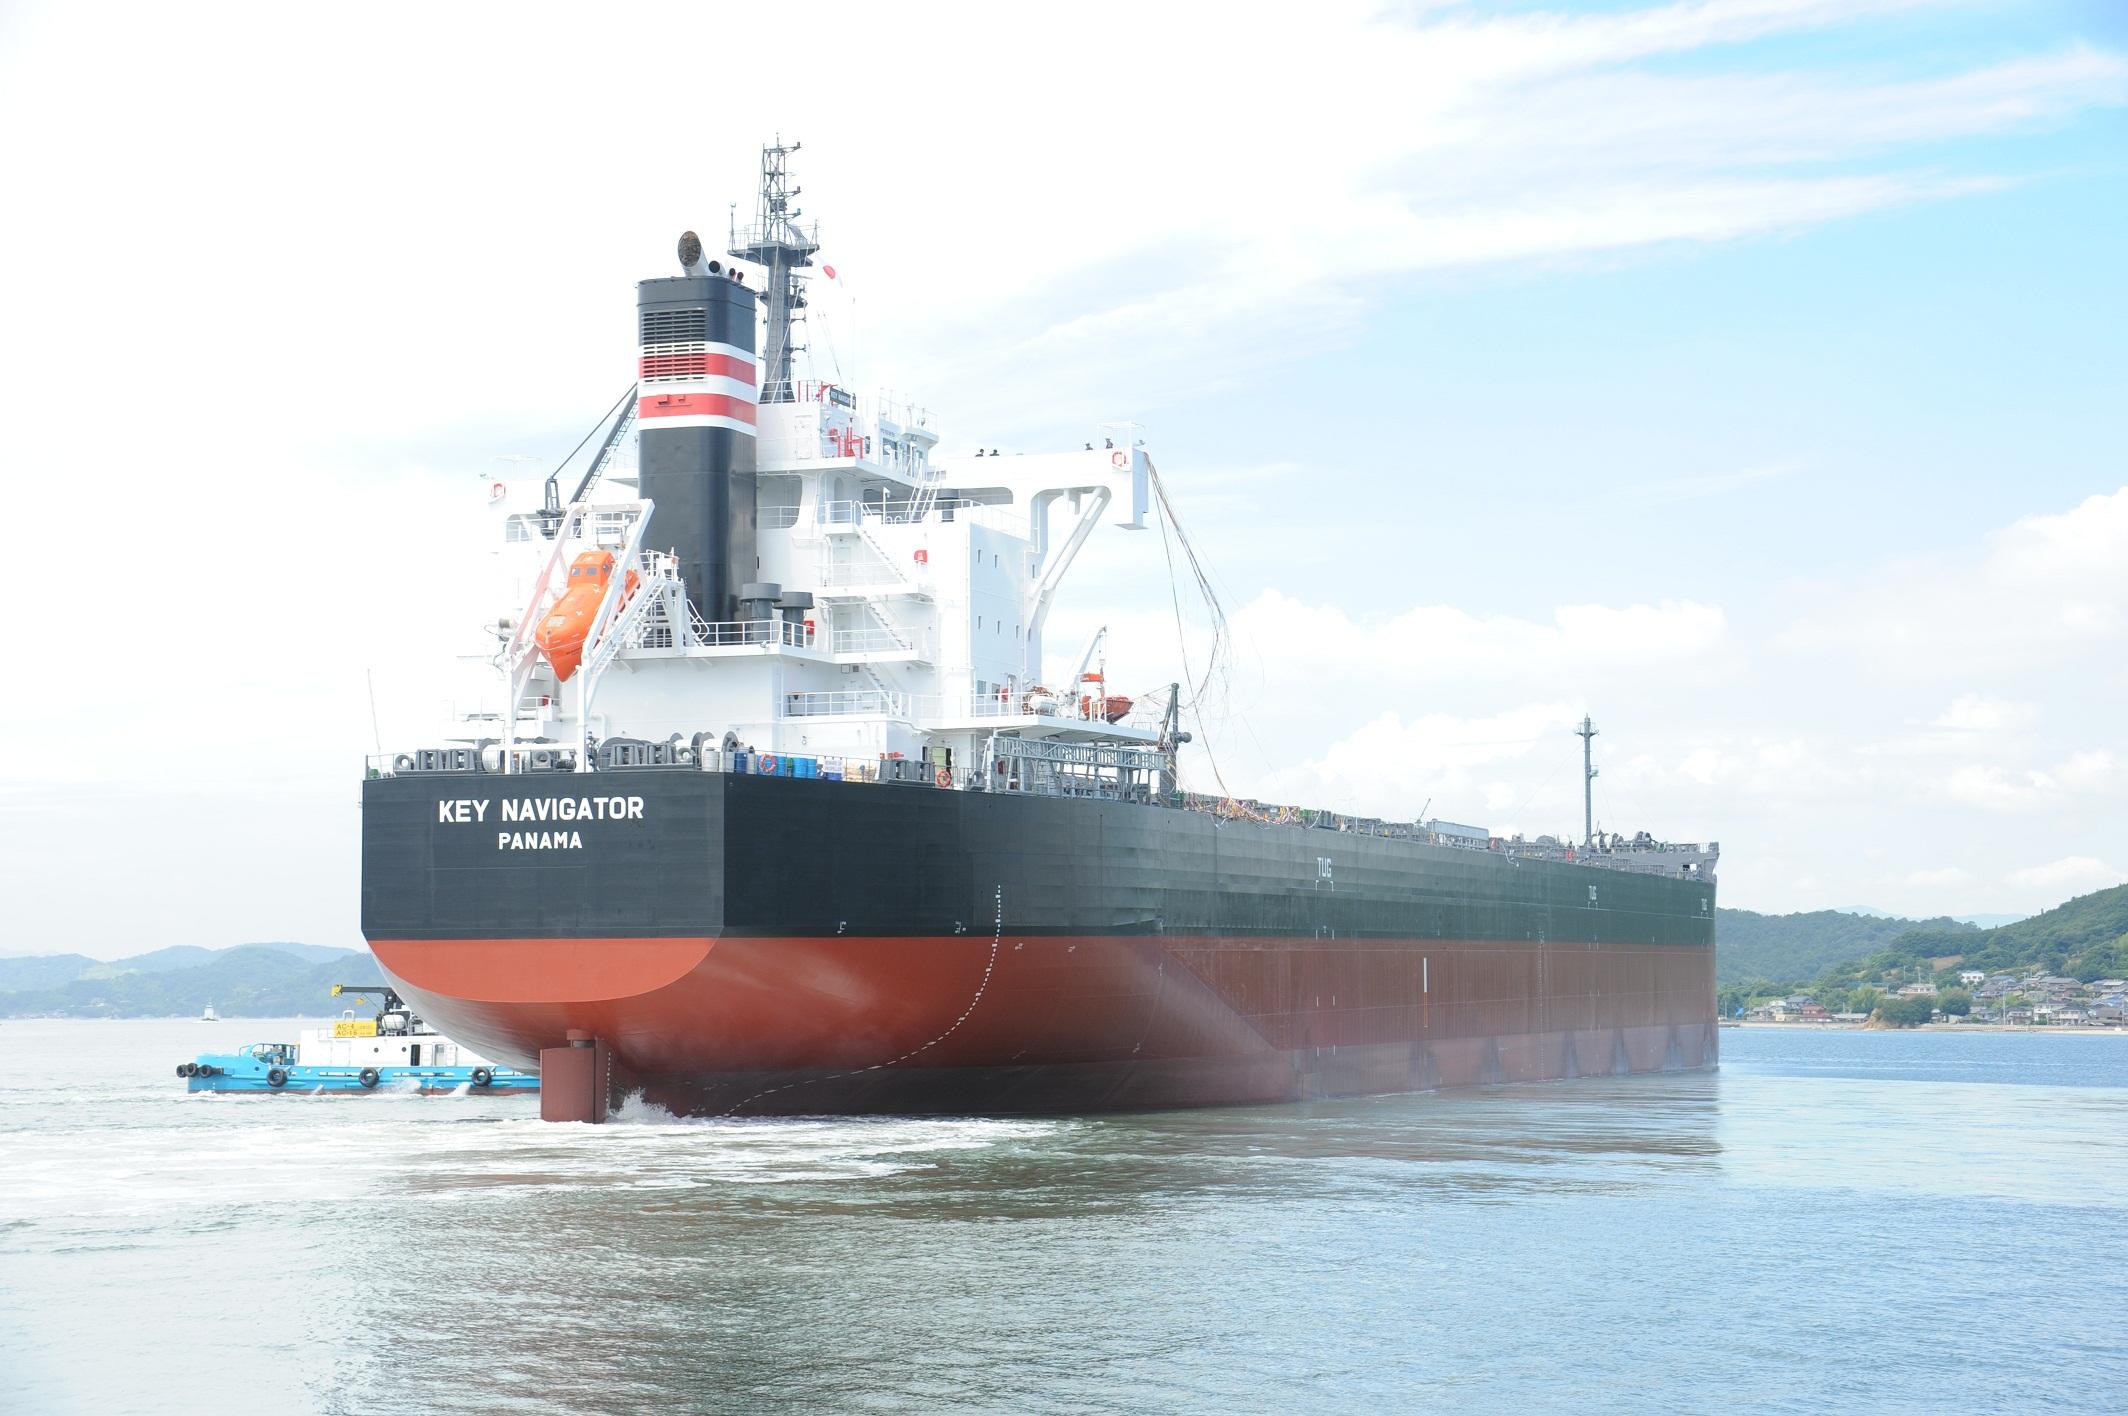 KEY NAVIGATOR set sail